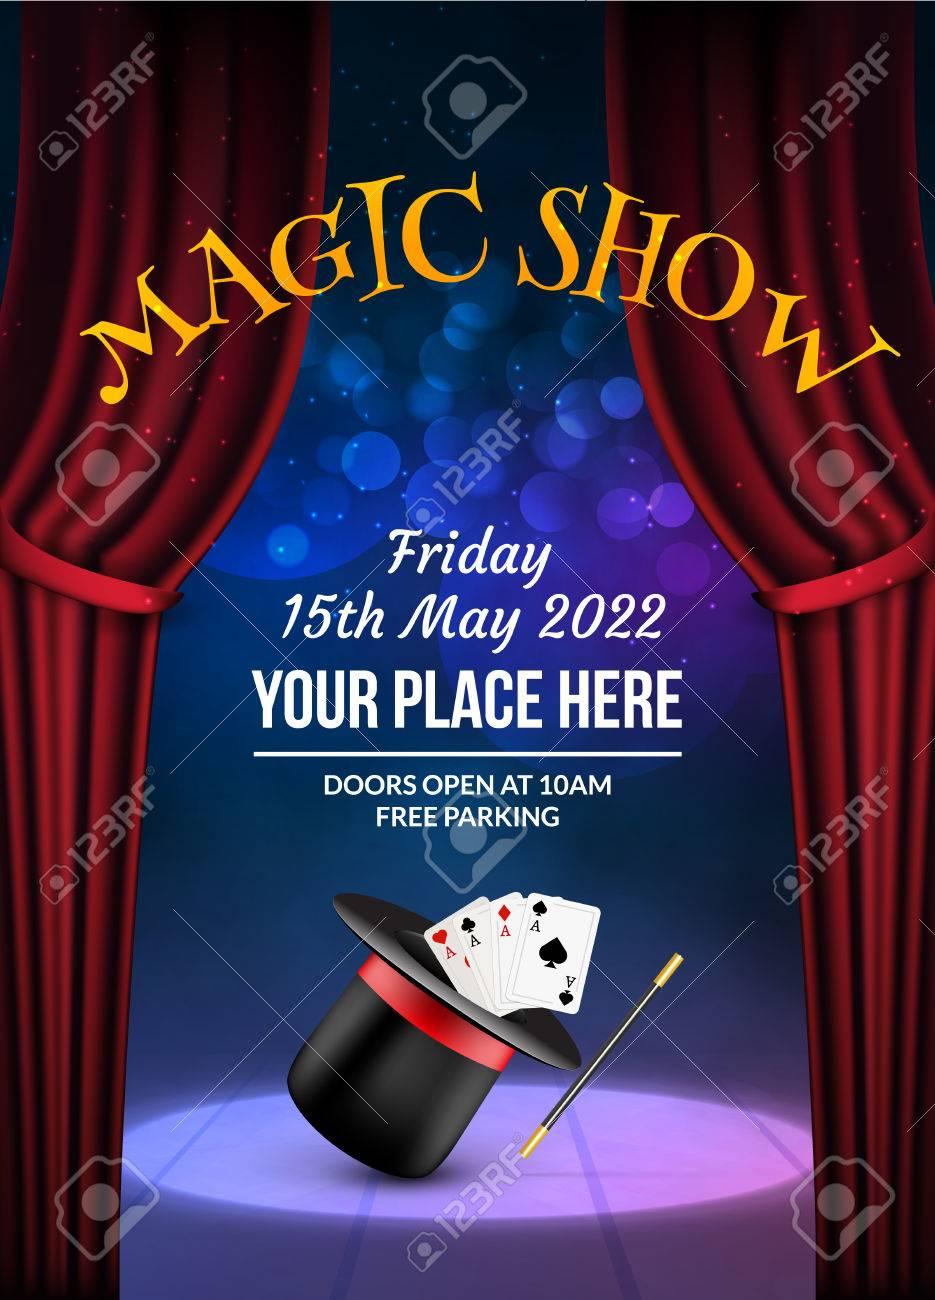 Foto de archivo - Plantilla de diseño de cartel de Magic Show. Fondo de vector  mágico de ilusión. Folleto de mago del teatro con truco de sombrero. e724ff083e1